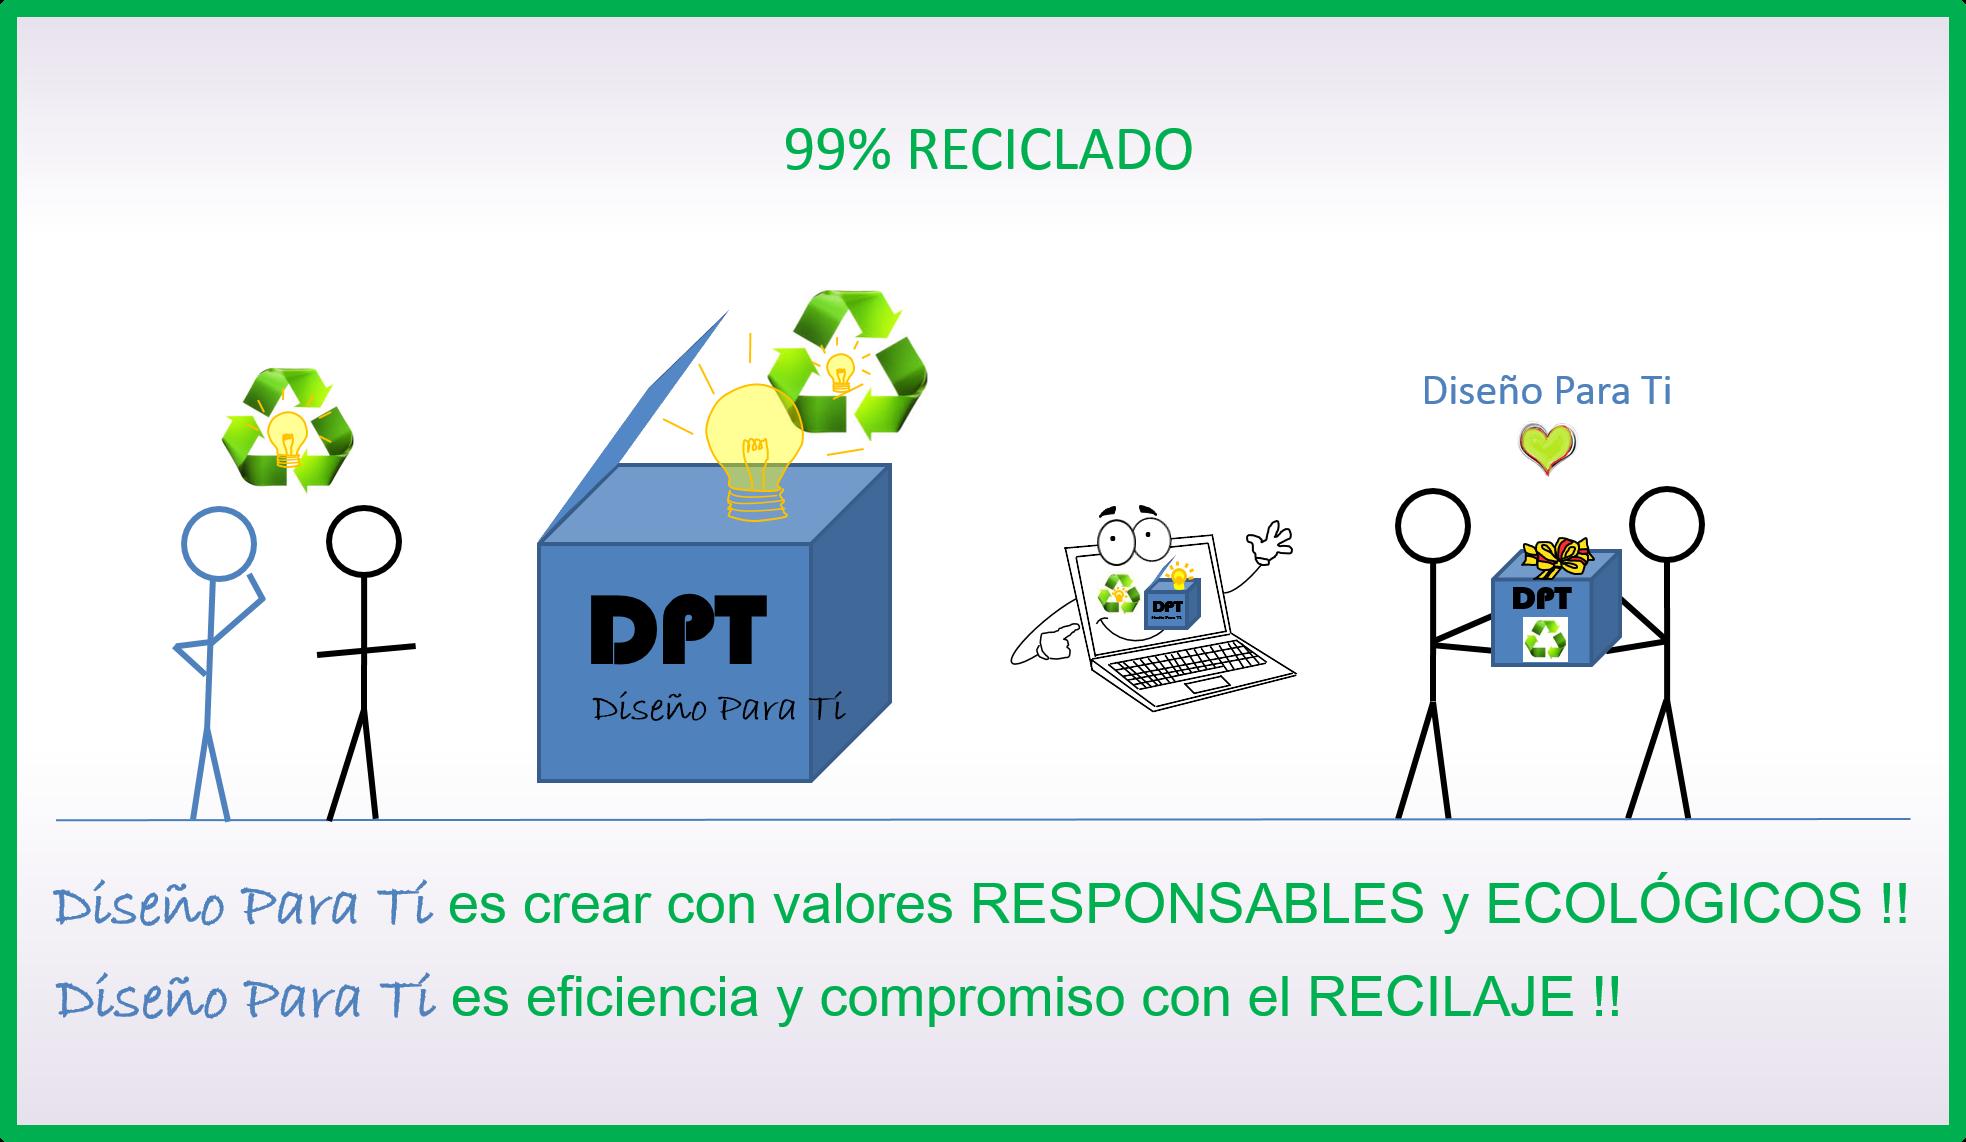 Área 99% Reciclado